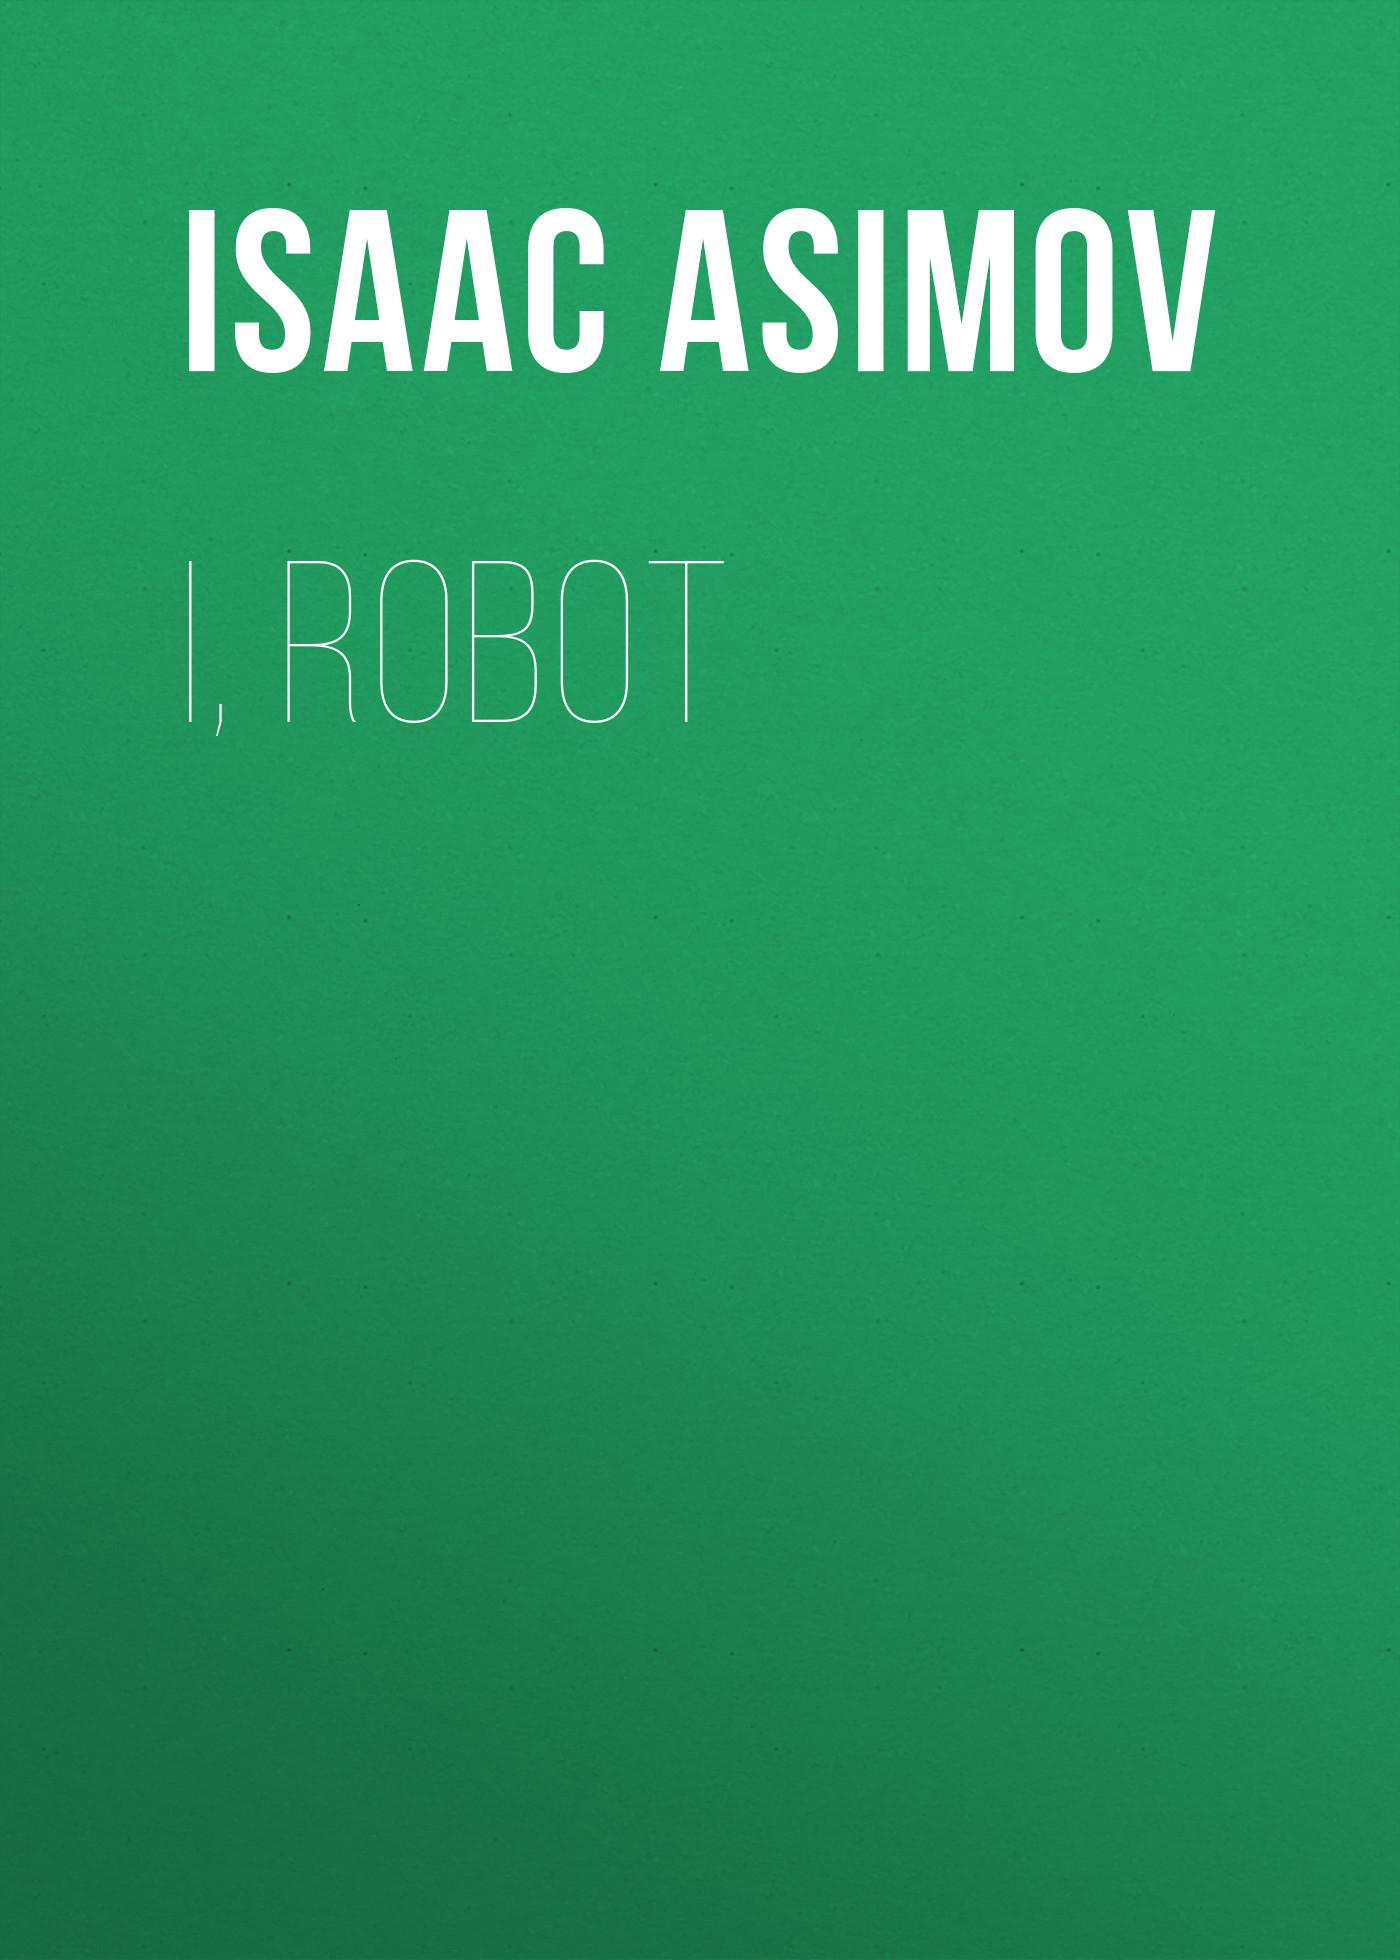 Айзек Азимов I, Robot айзек азимов путеводитель по шекспиру английские пьесы